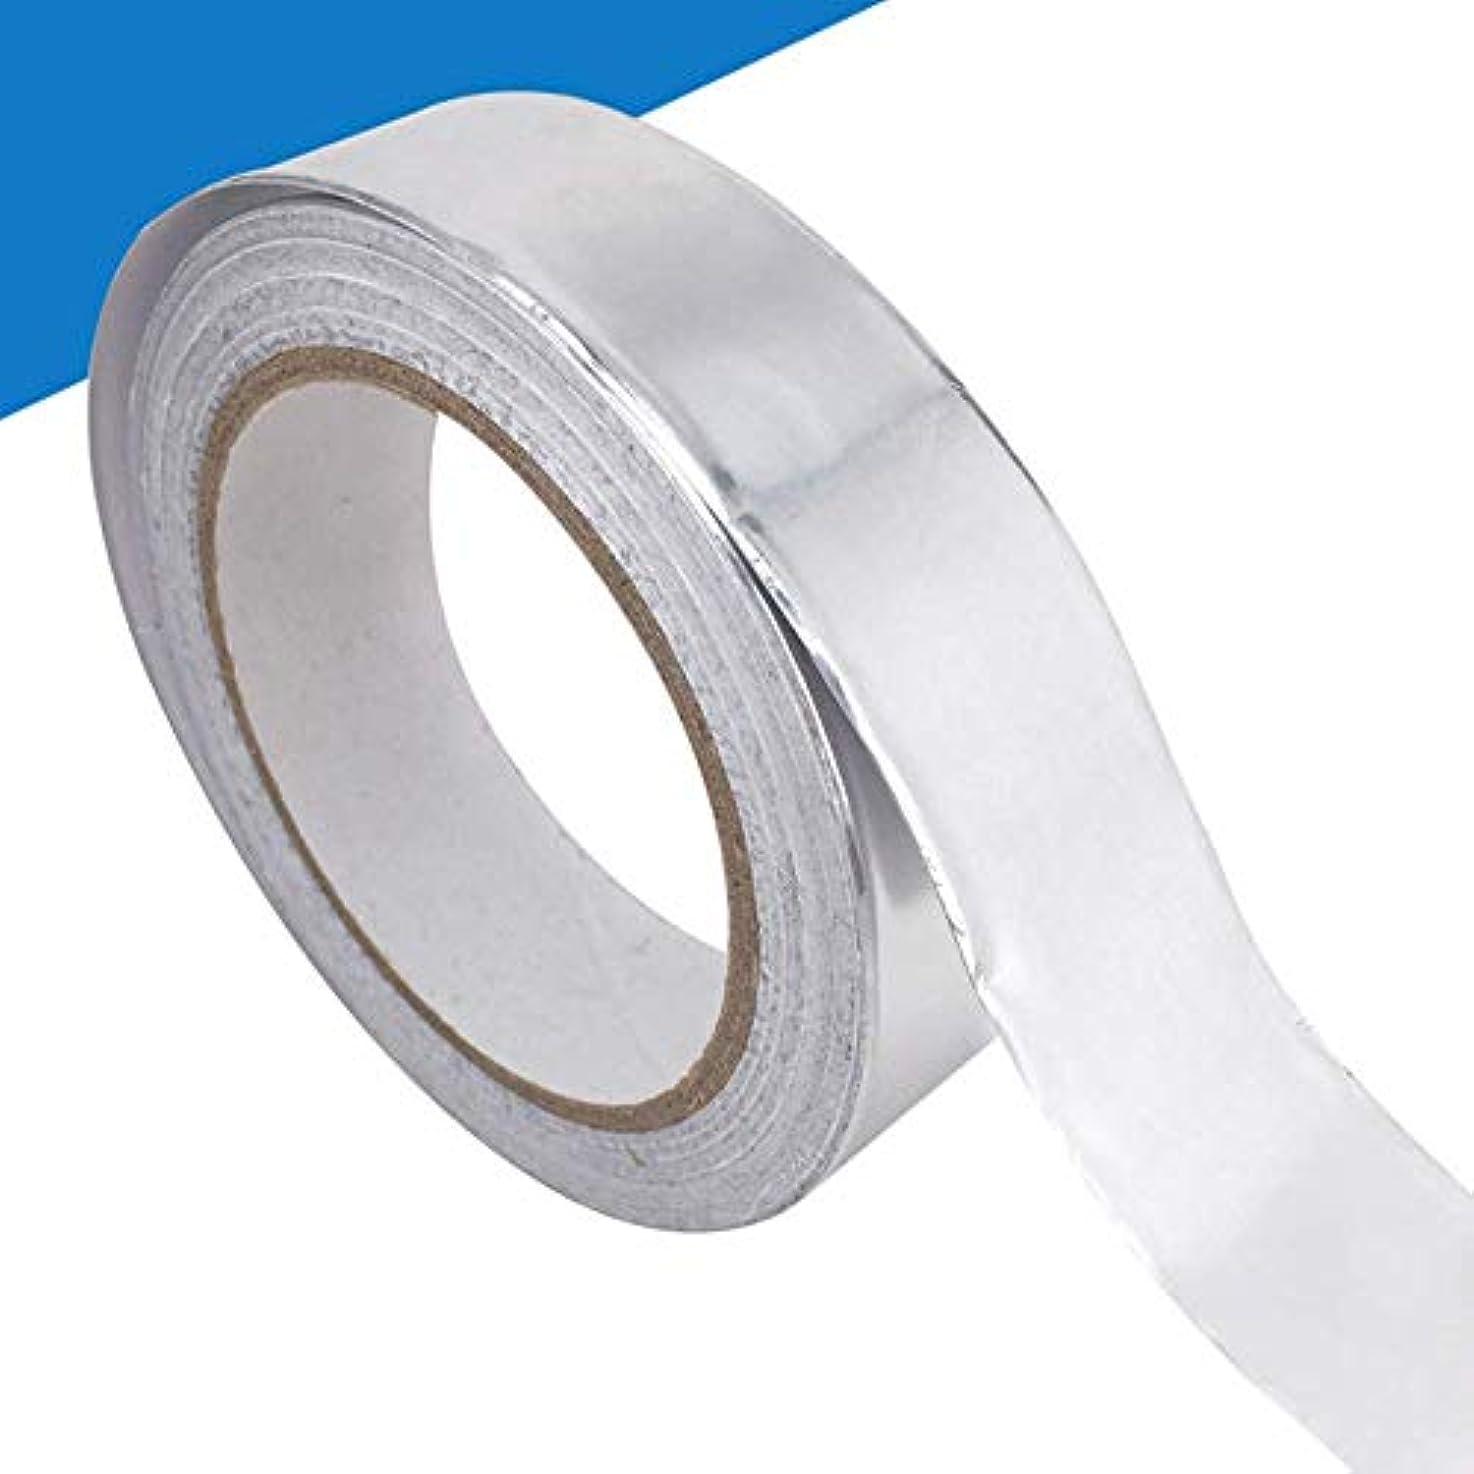 すべて投票特許Simg 導電性アルミテープ アルミ箔テープ 放射線防護 耐熱性 防水 多機能 25mm幅x20m